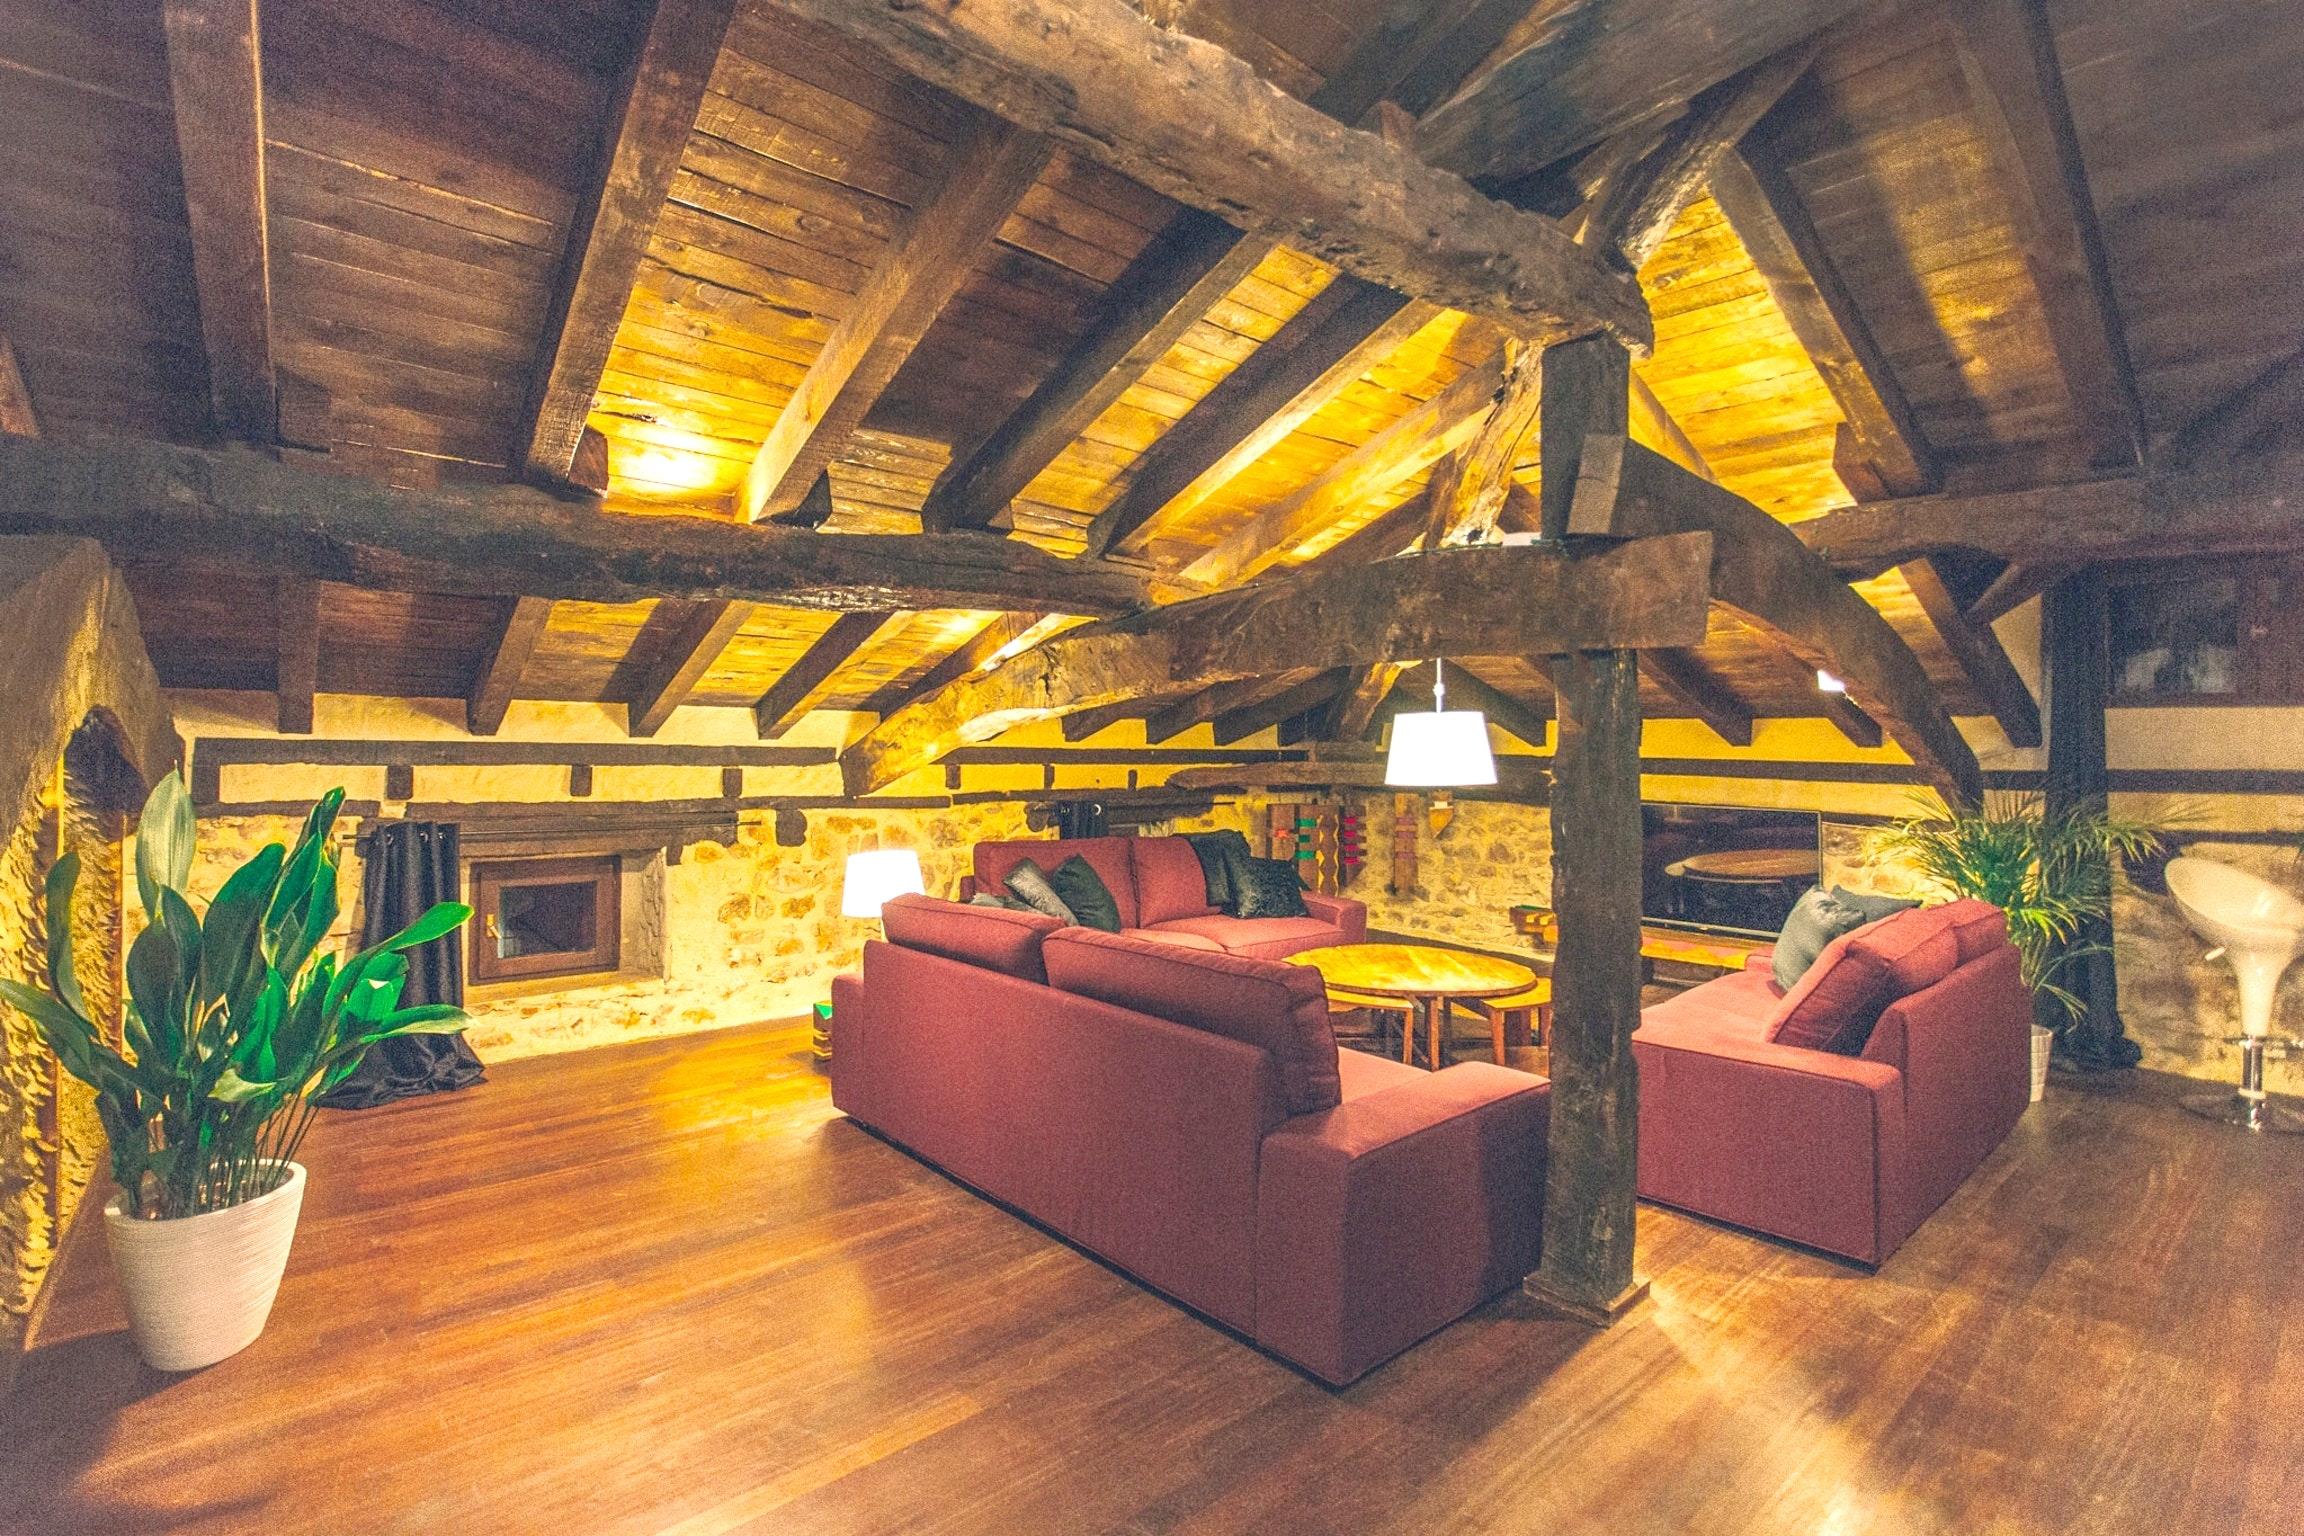 Ferienhaus Haus mit 5 Zimmern in Fuenteodra mit toller Aussicht auf die Berge, eingezäuntem Garten un (2211142), Fuenteodra, Burgos, Kastilien-León, Spanien, Bild 5